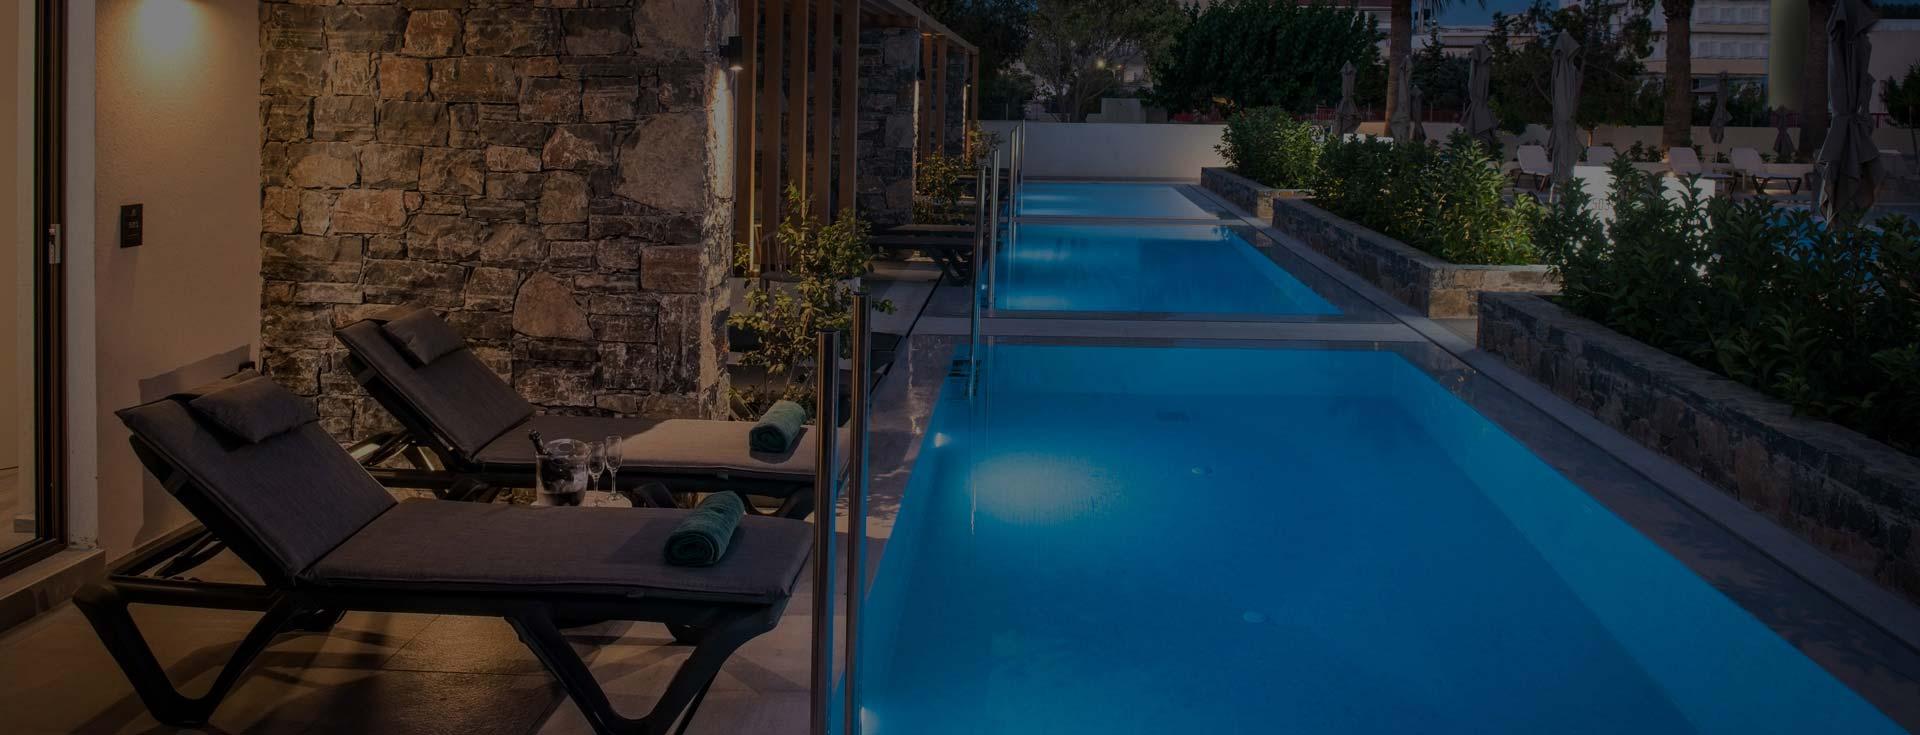 Petousis Hotel & Suites Facilities & Services